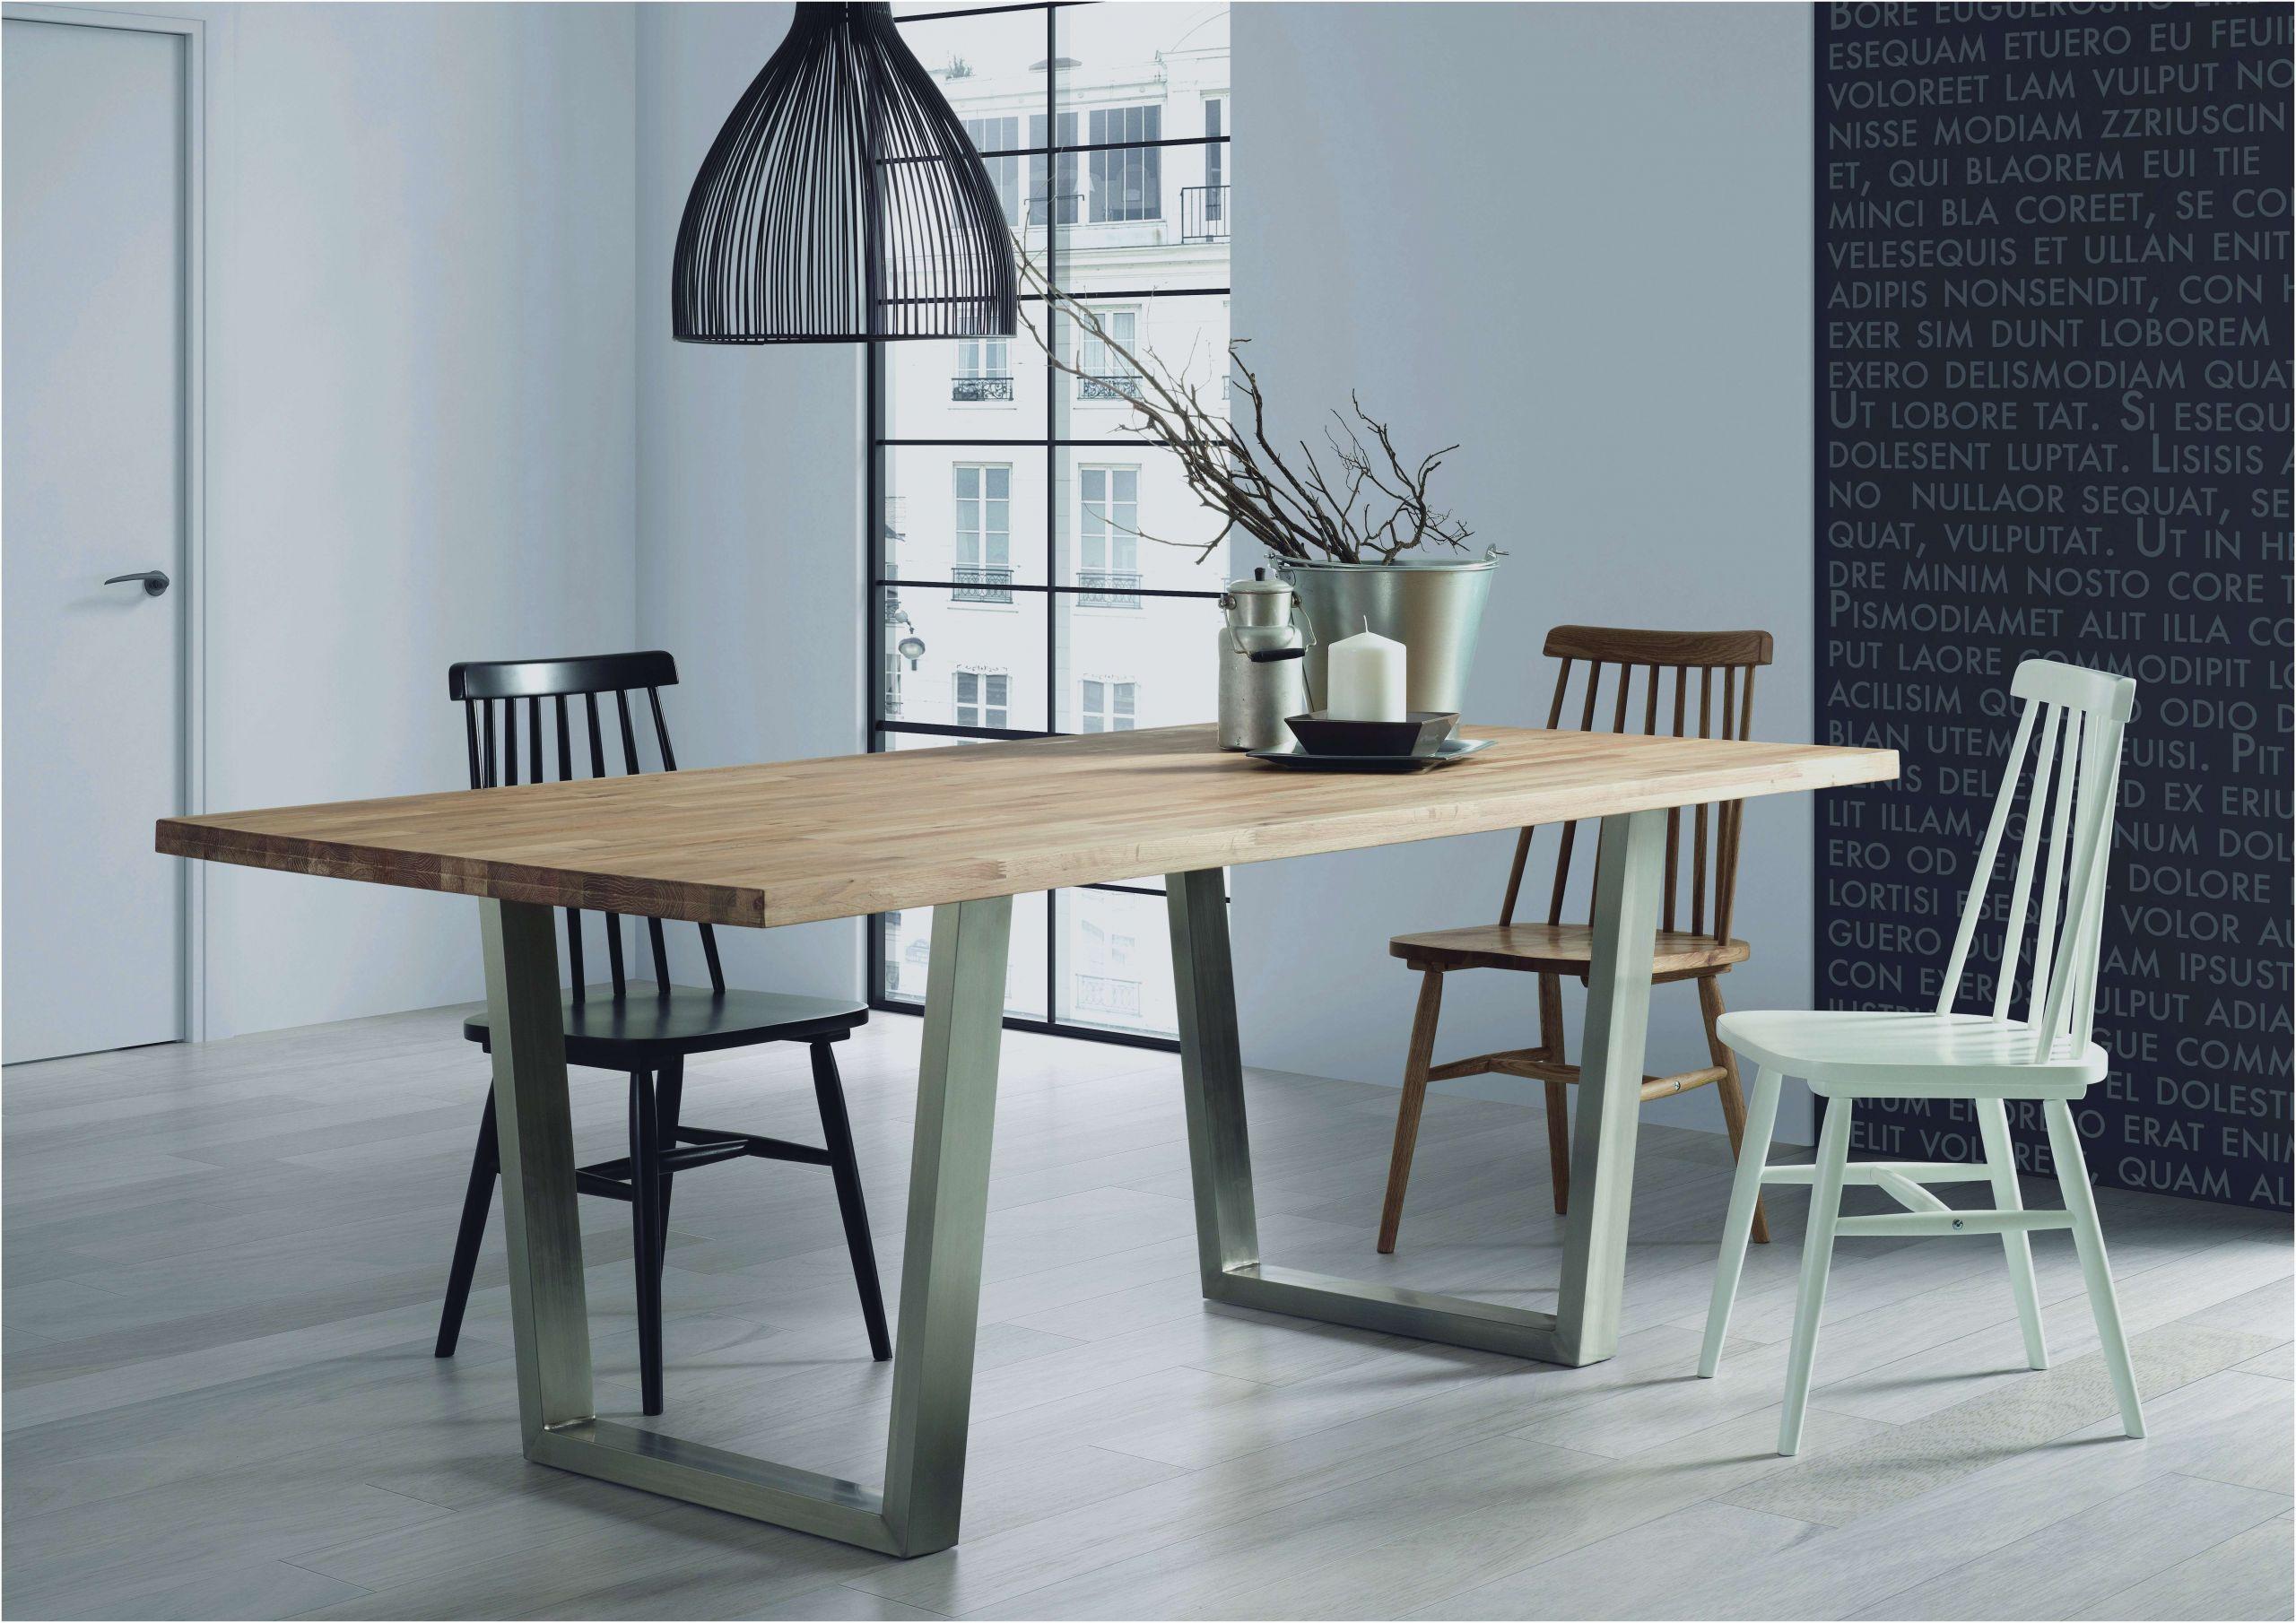 table pliante marche table manger haut de gamme nouveau nouveau table salle a manger escamotable 1253 tableau meubles le meilleur de genial table manger haut de gamme pour selection tabl